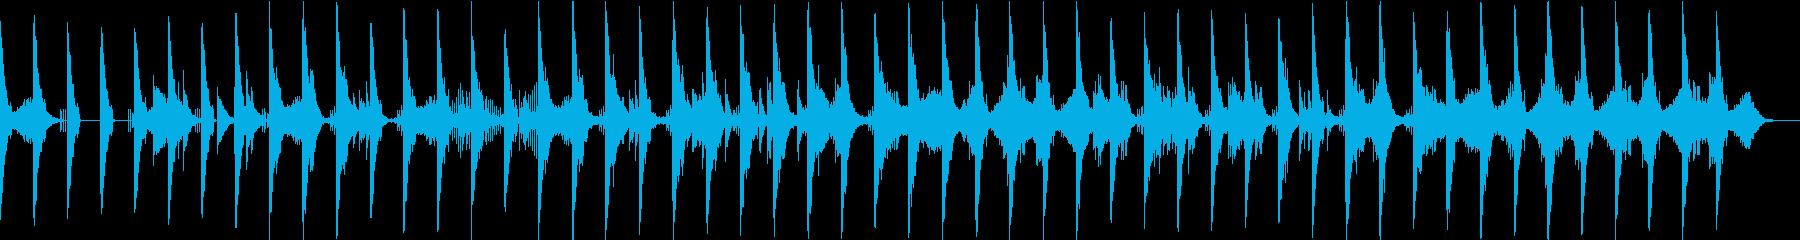 ベースがダンディ系なBGMの再生済みの波形